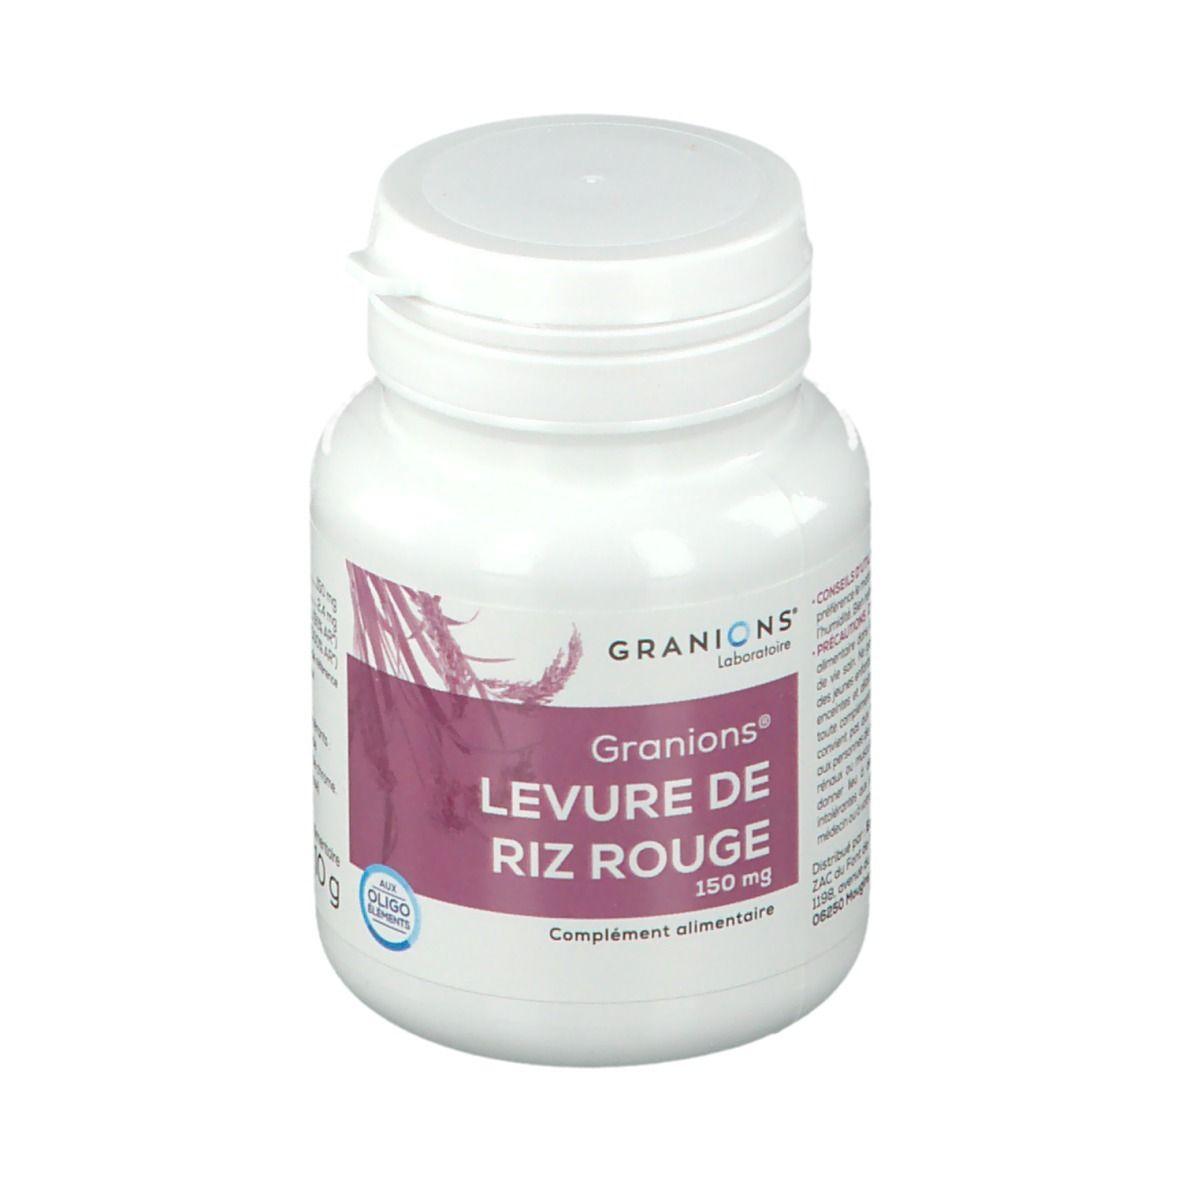 GRANIONS® Levure de Riz Rouge 150 mg pc(s) capsule(s)